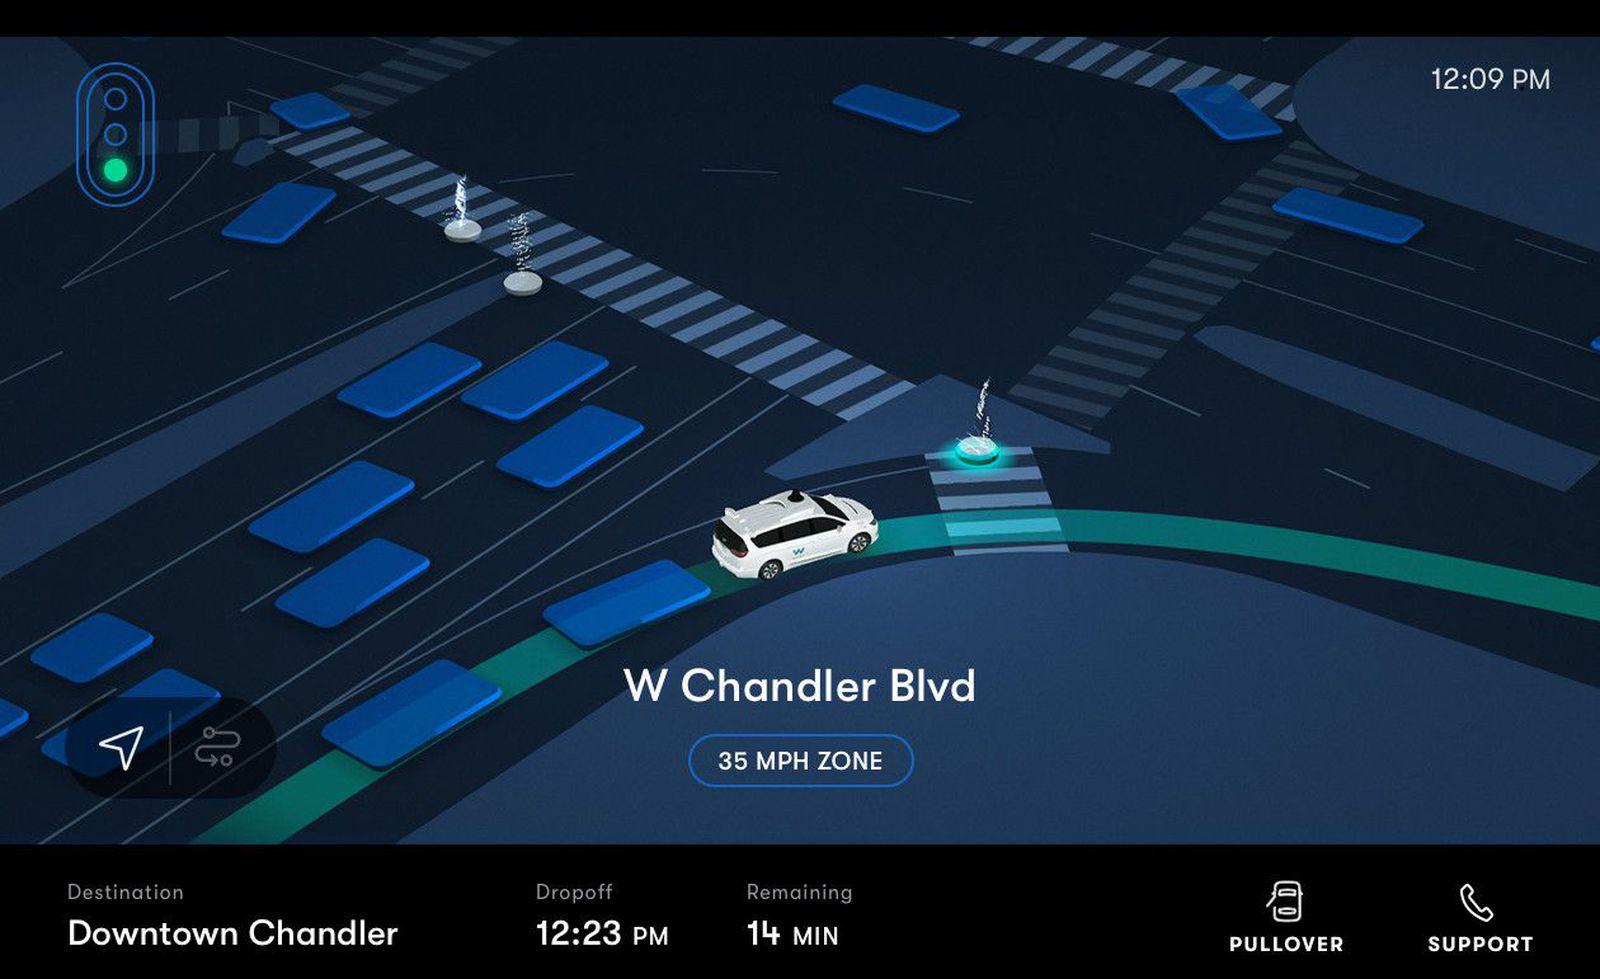 Иднината е тука! Стартуваше првиот роботски такси сервис / ВИДЕО